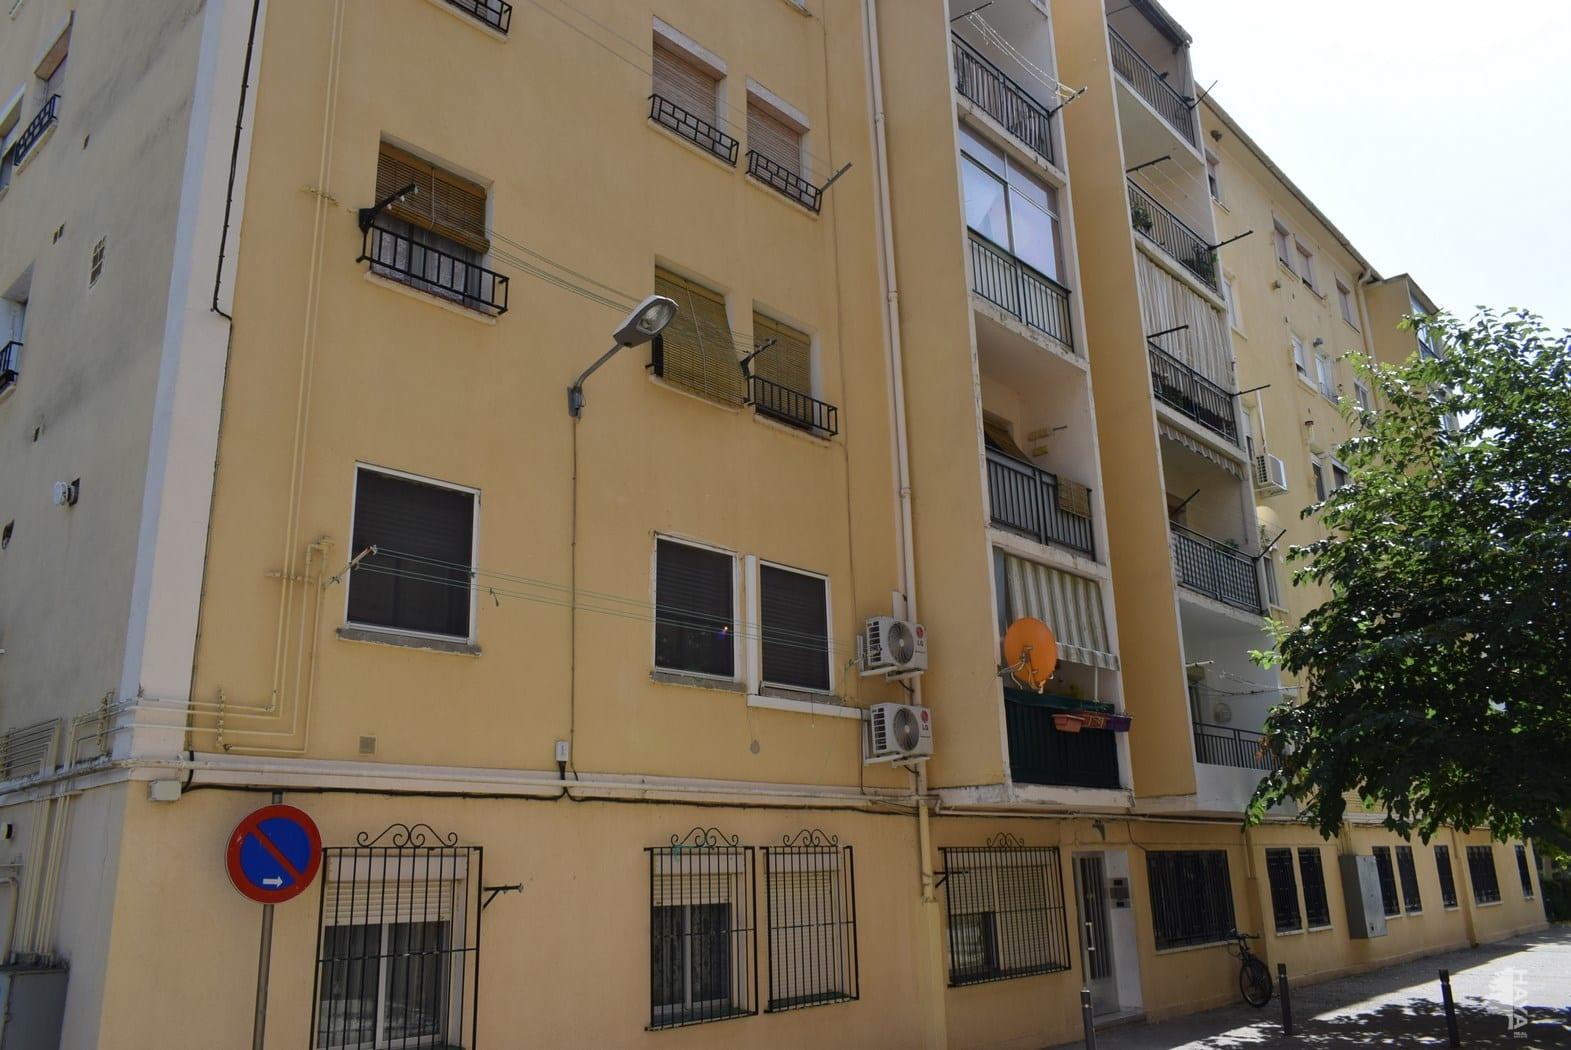 Piso en venta en Barrio San Valentín, Barbastro, Huesca, Calle San Valentin, 17.000 €, 2 habitaciones, 1 baño, 67 m2